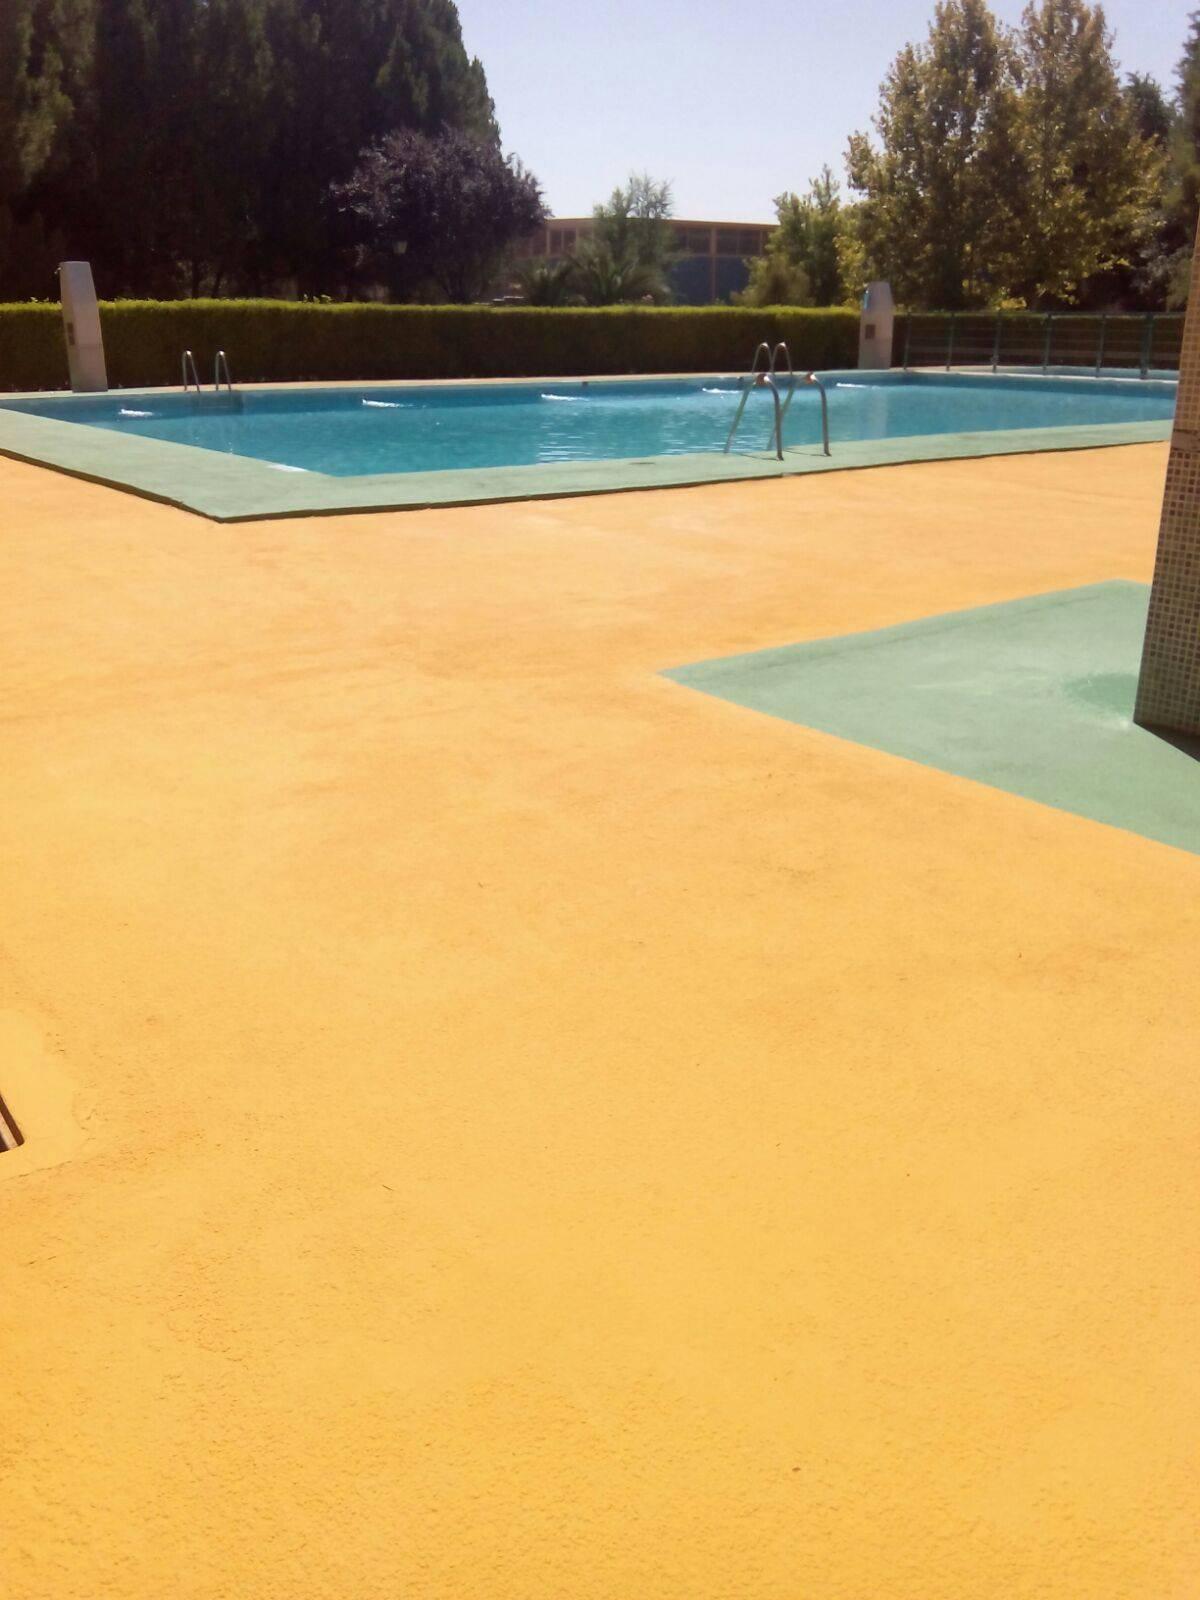 La piscina municipal cerrada por mantenimiento en pleno verano 3